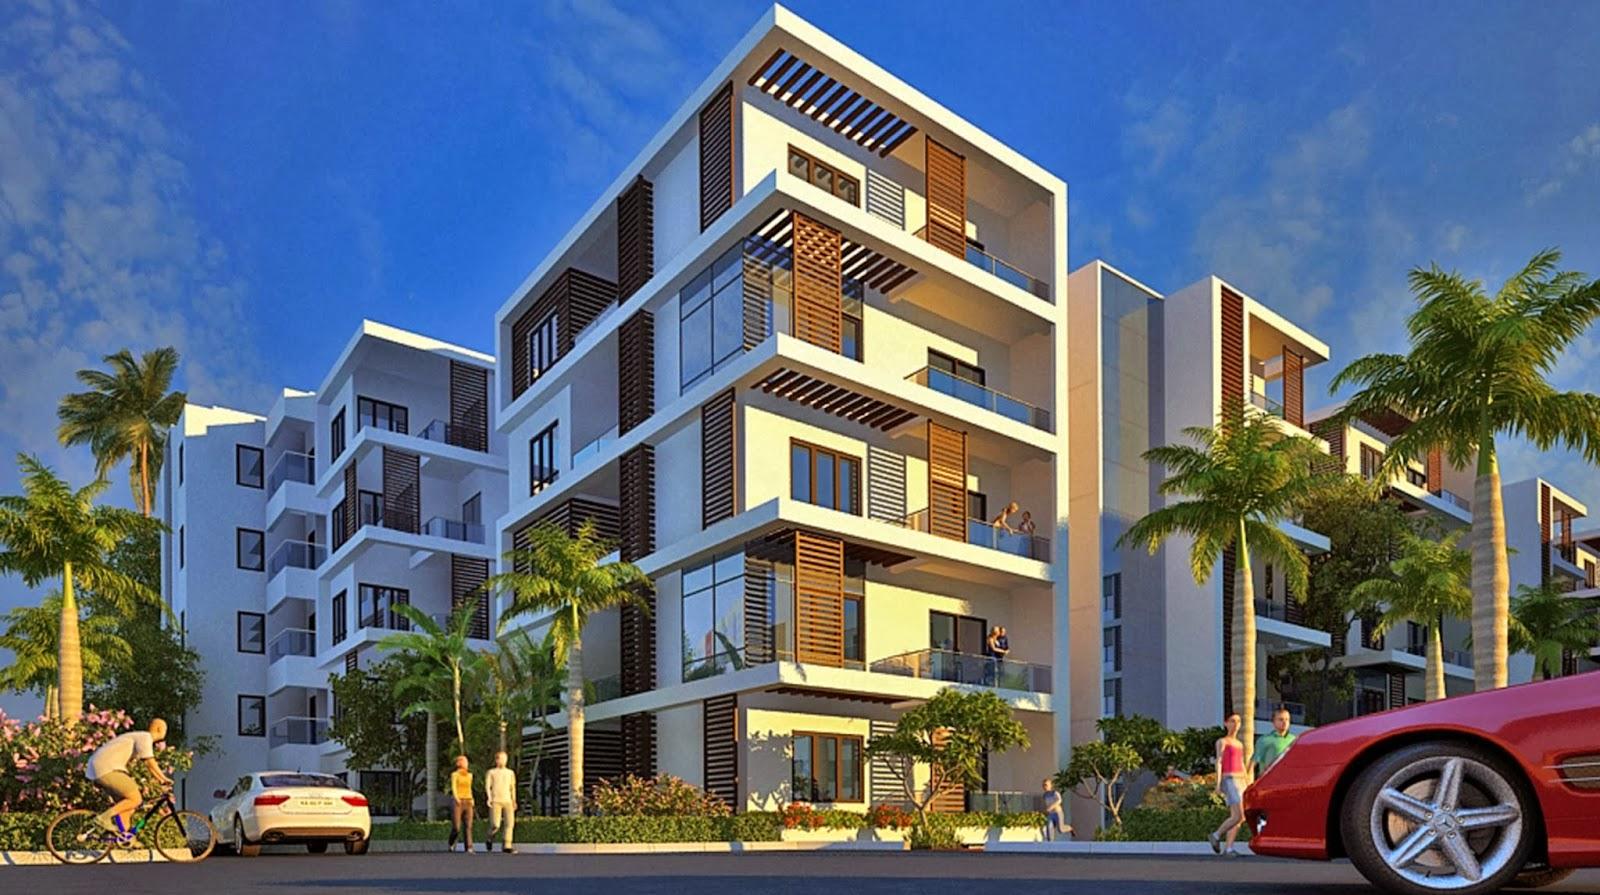 bangalore5.com: Now 1 BHK Apartment Sale in Bangalore ...